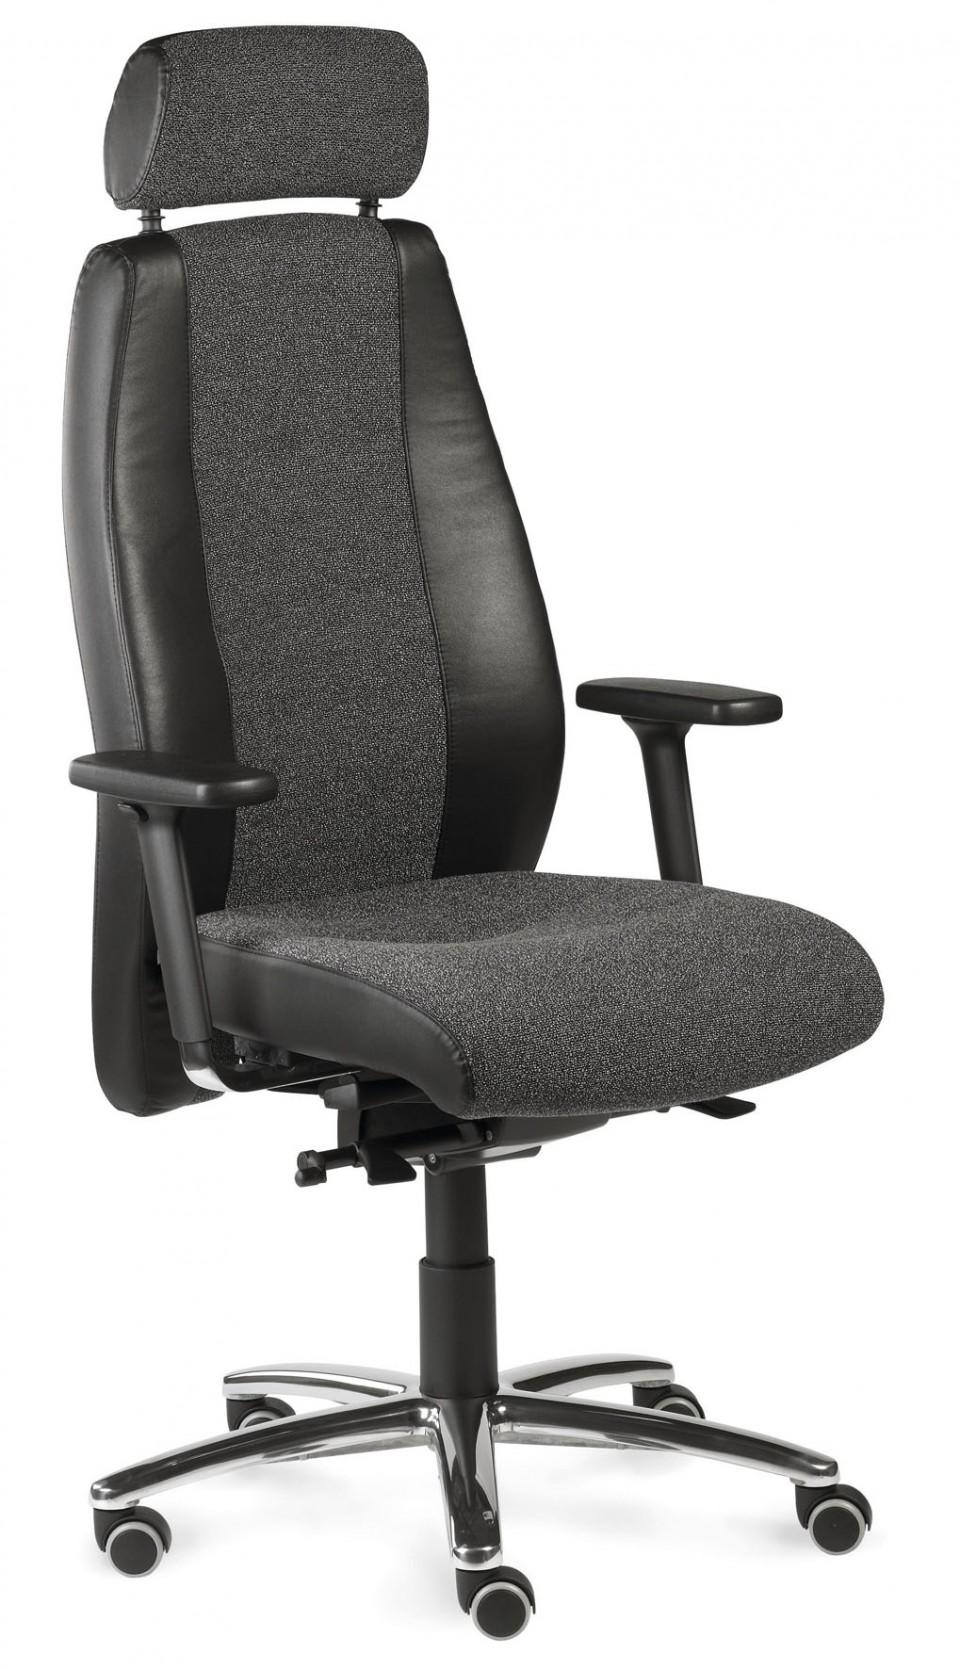 fauteuil de direction tsar achat si ges de bureau 978 00. Black Bedroom Furniture Sets. Home Design Ideas